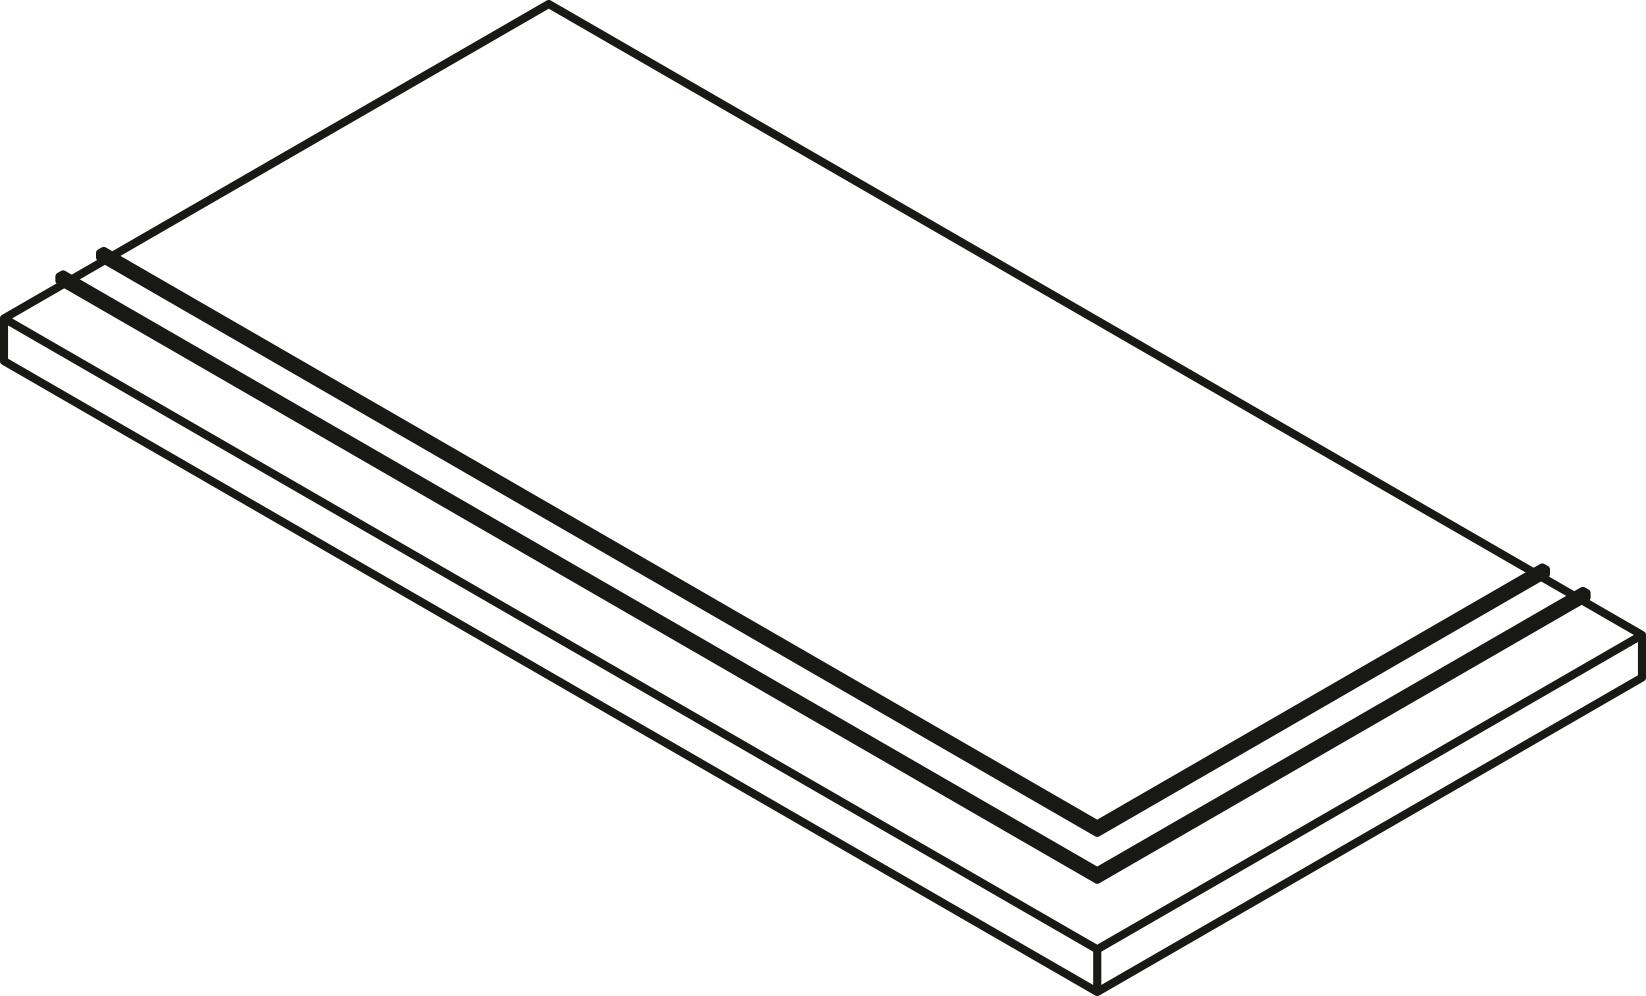 STEP EXTRA THICK CORNER INOX * 30X60